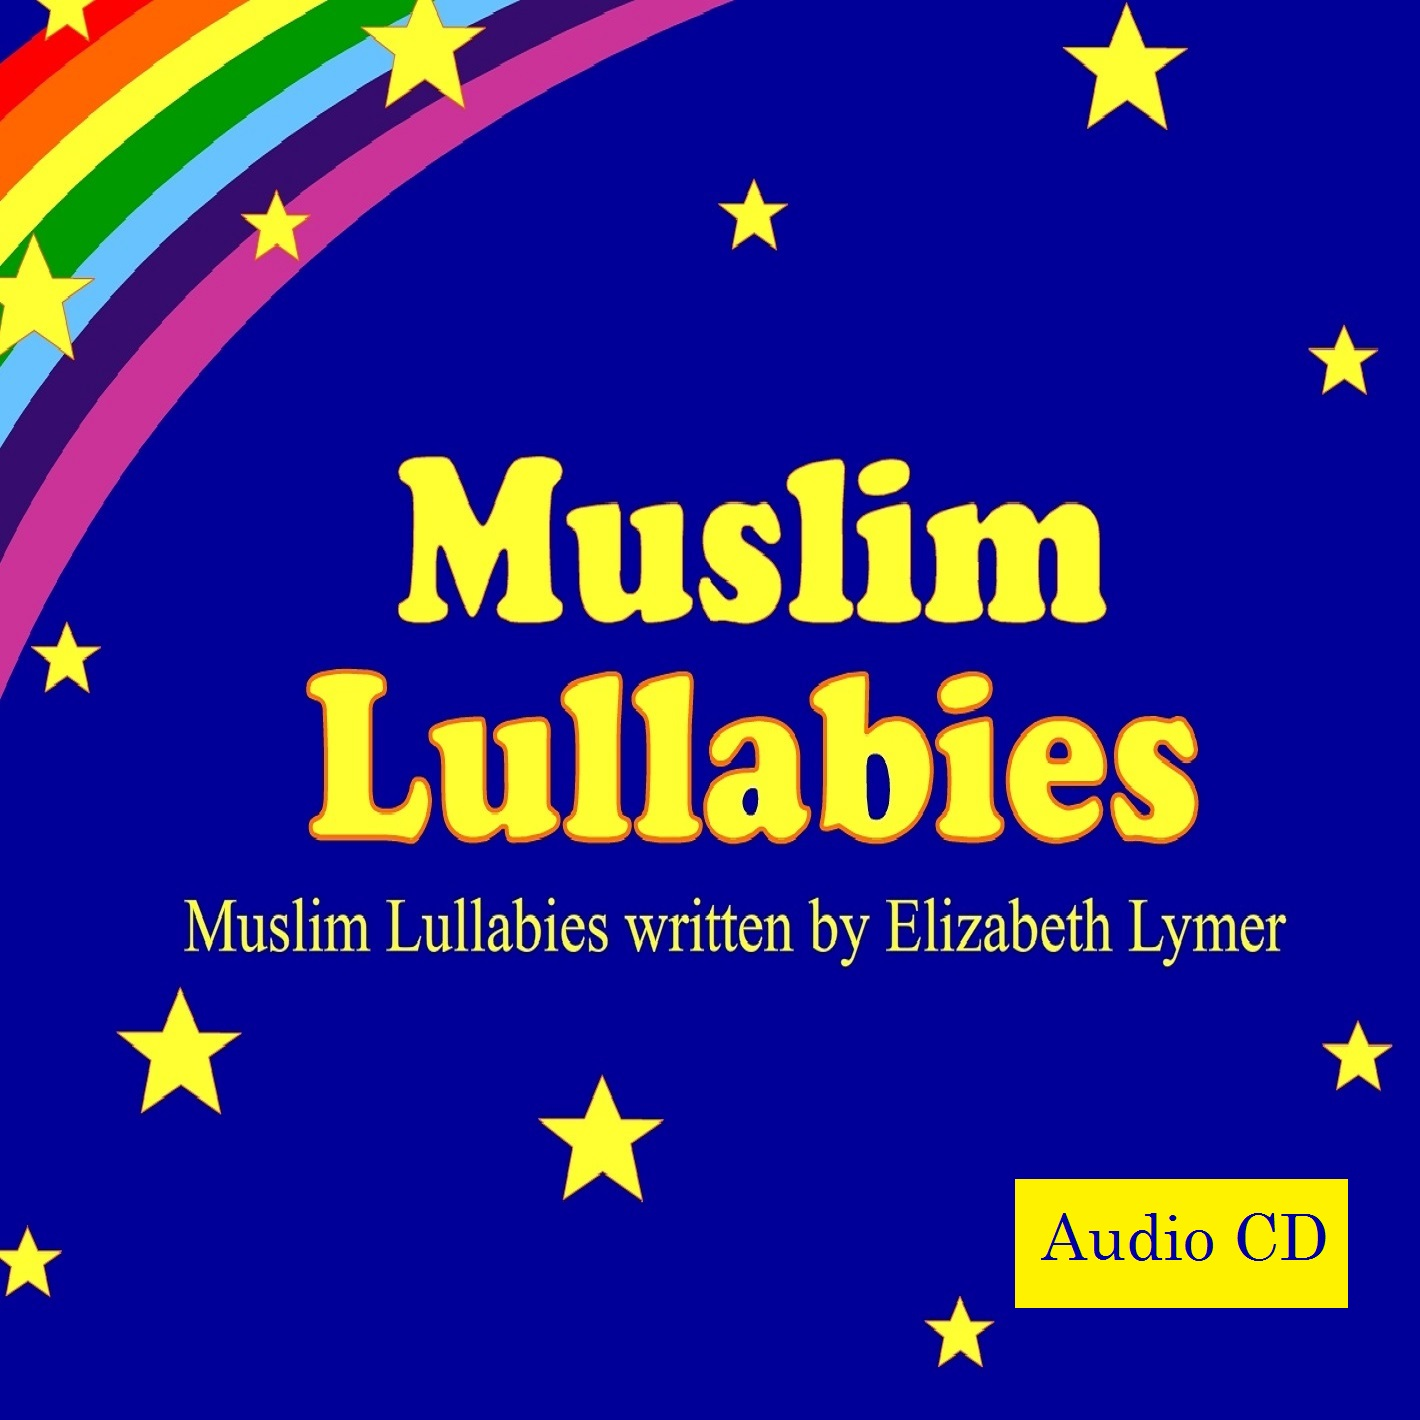 Muslim Lullabies